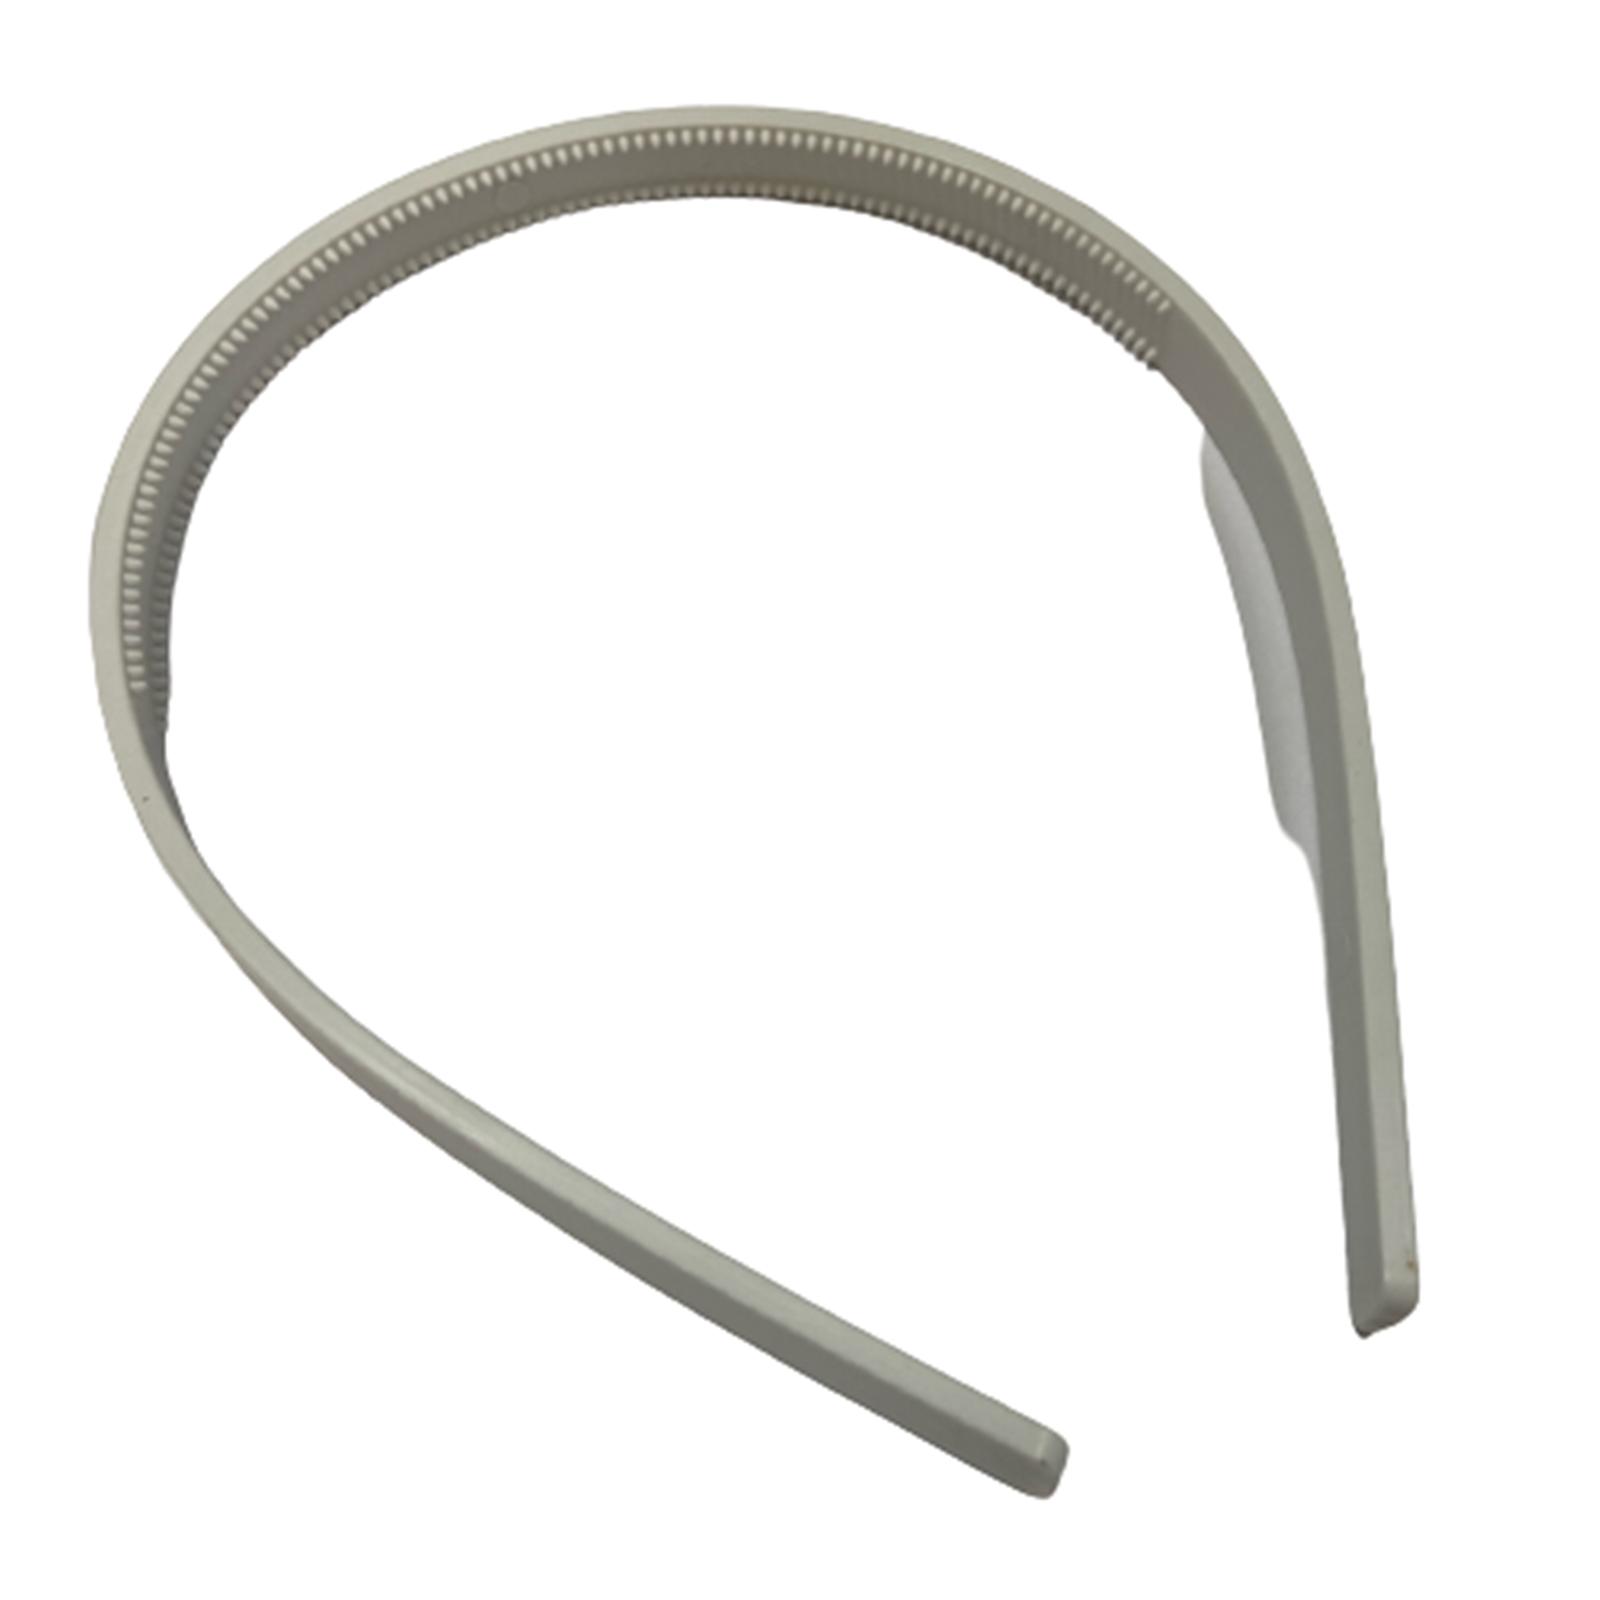 Tiara Plástica Fina com dente - 12 unidades